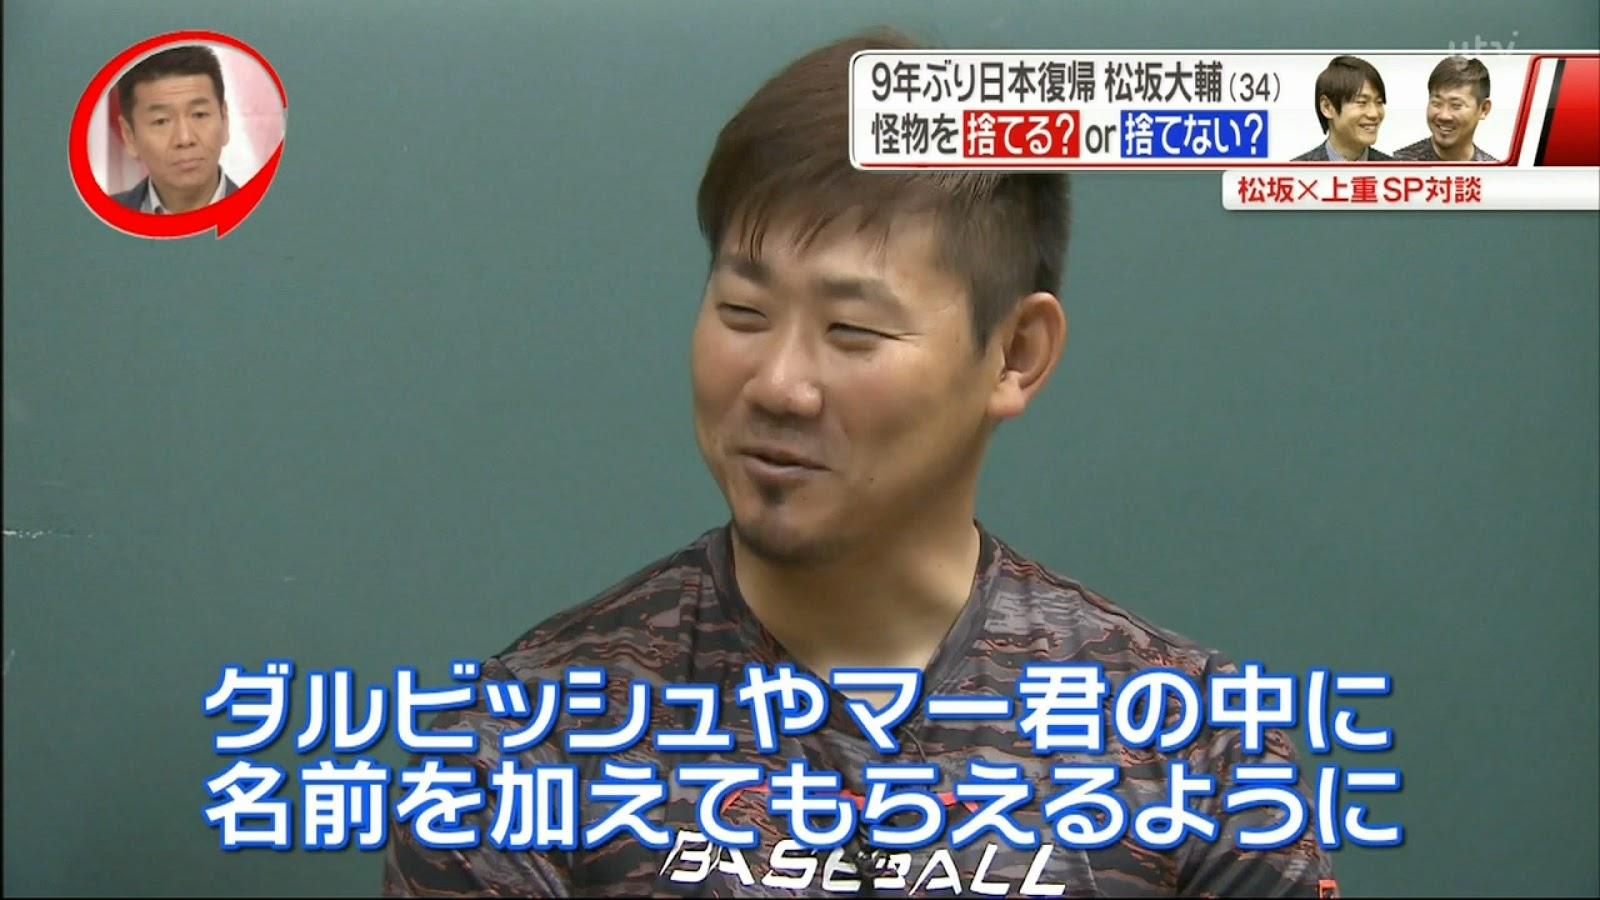 松坂大輔: 野球まとめに自信ニキ